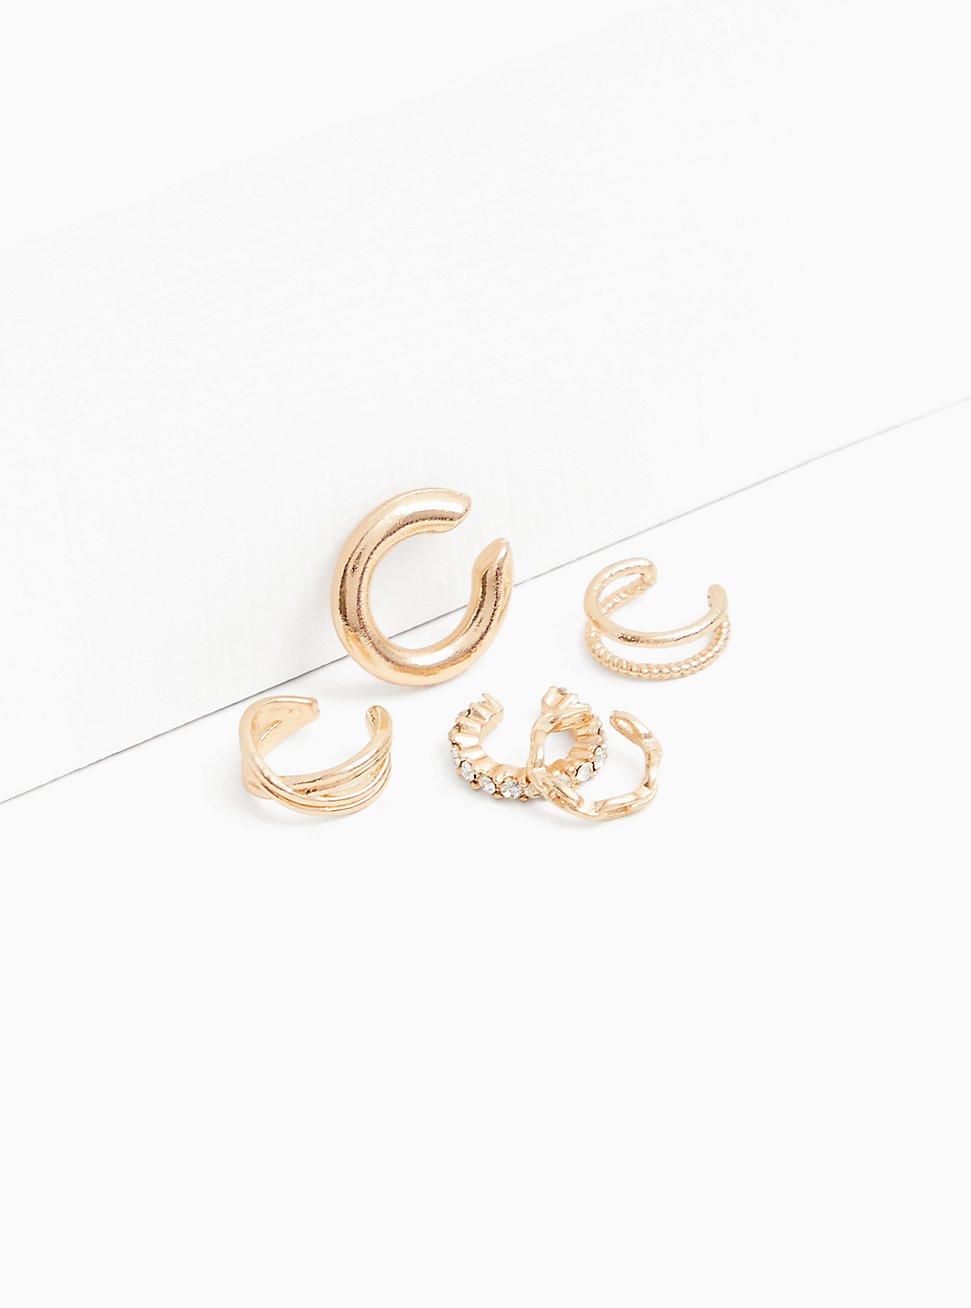 Gold-Tone Ear Cuff Set - Set of 5, , hi-res